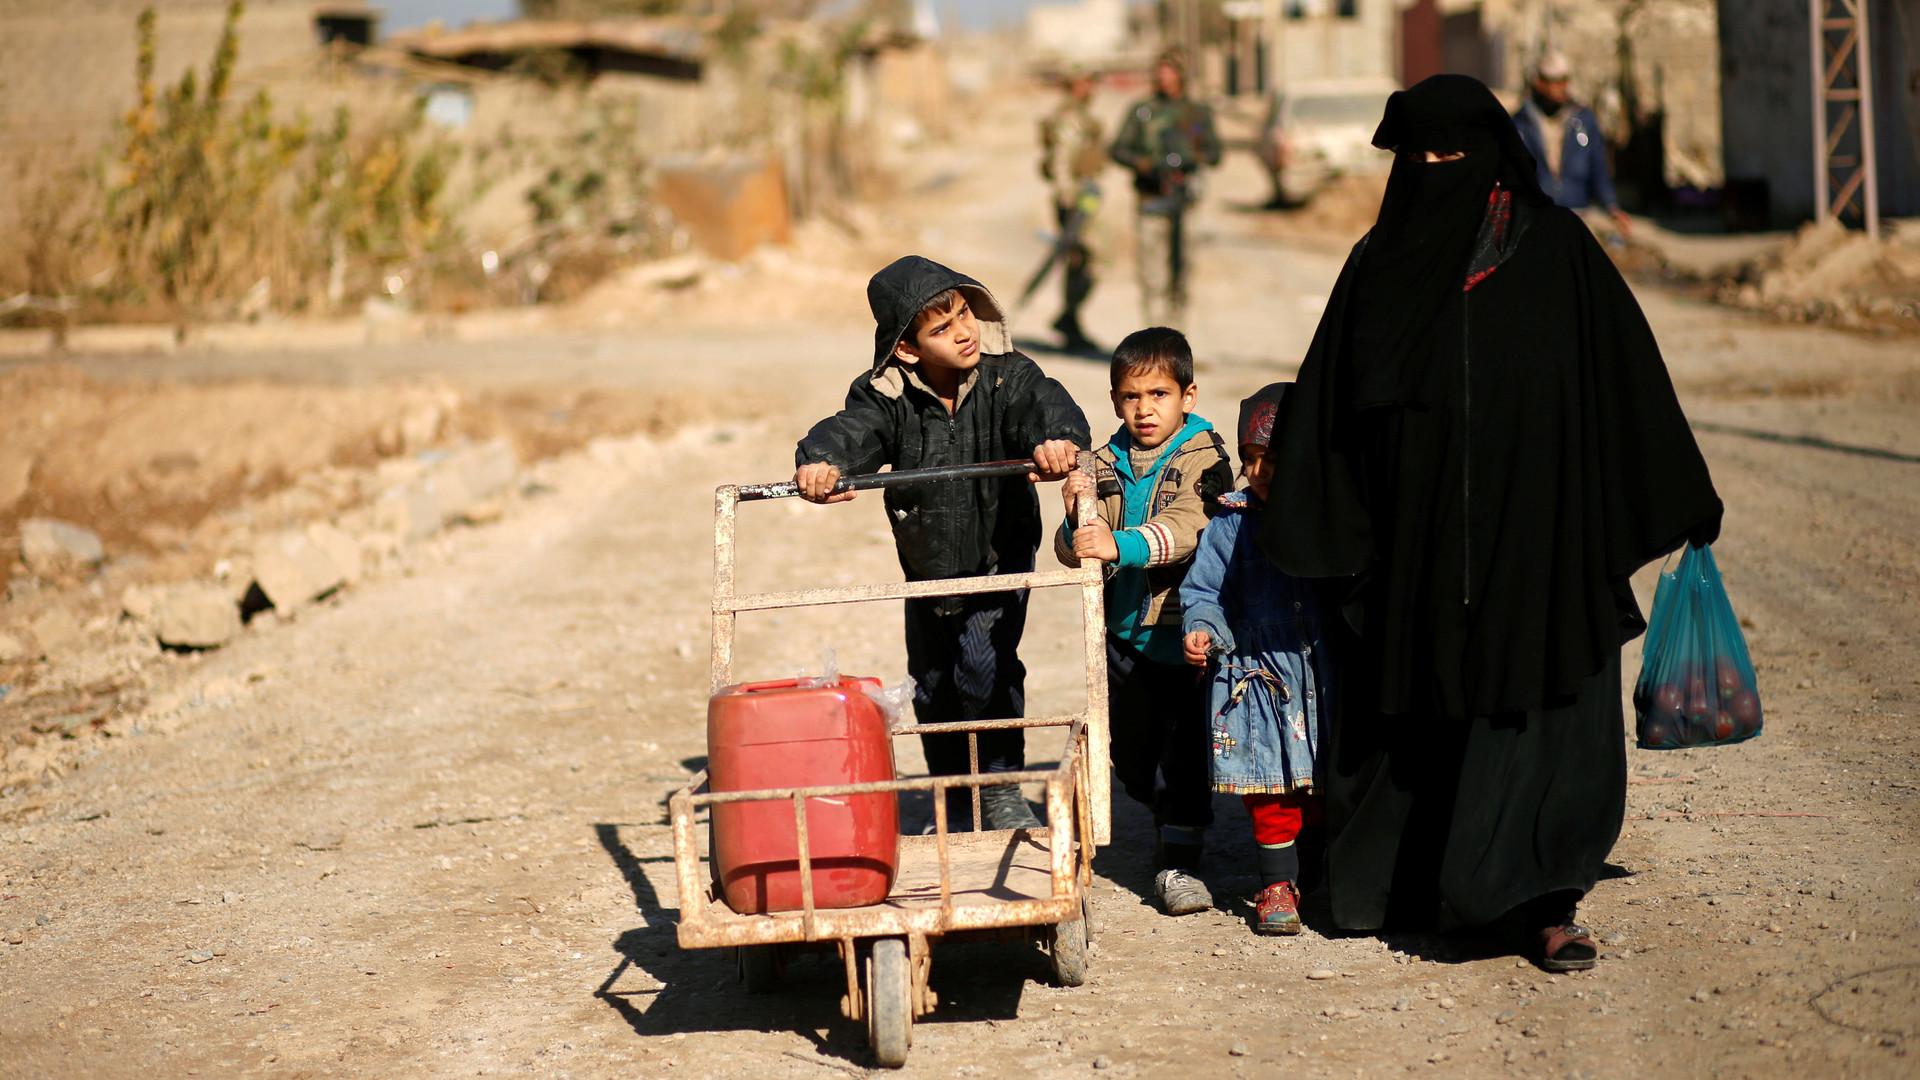 Женская доля: Госдеп выделит по $250 тысяч на бизнес-тренинги для иракских вдов